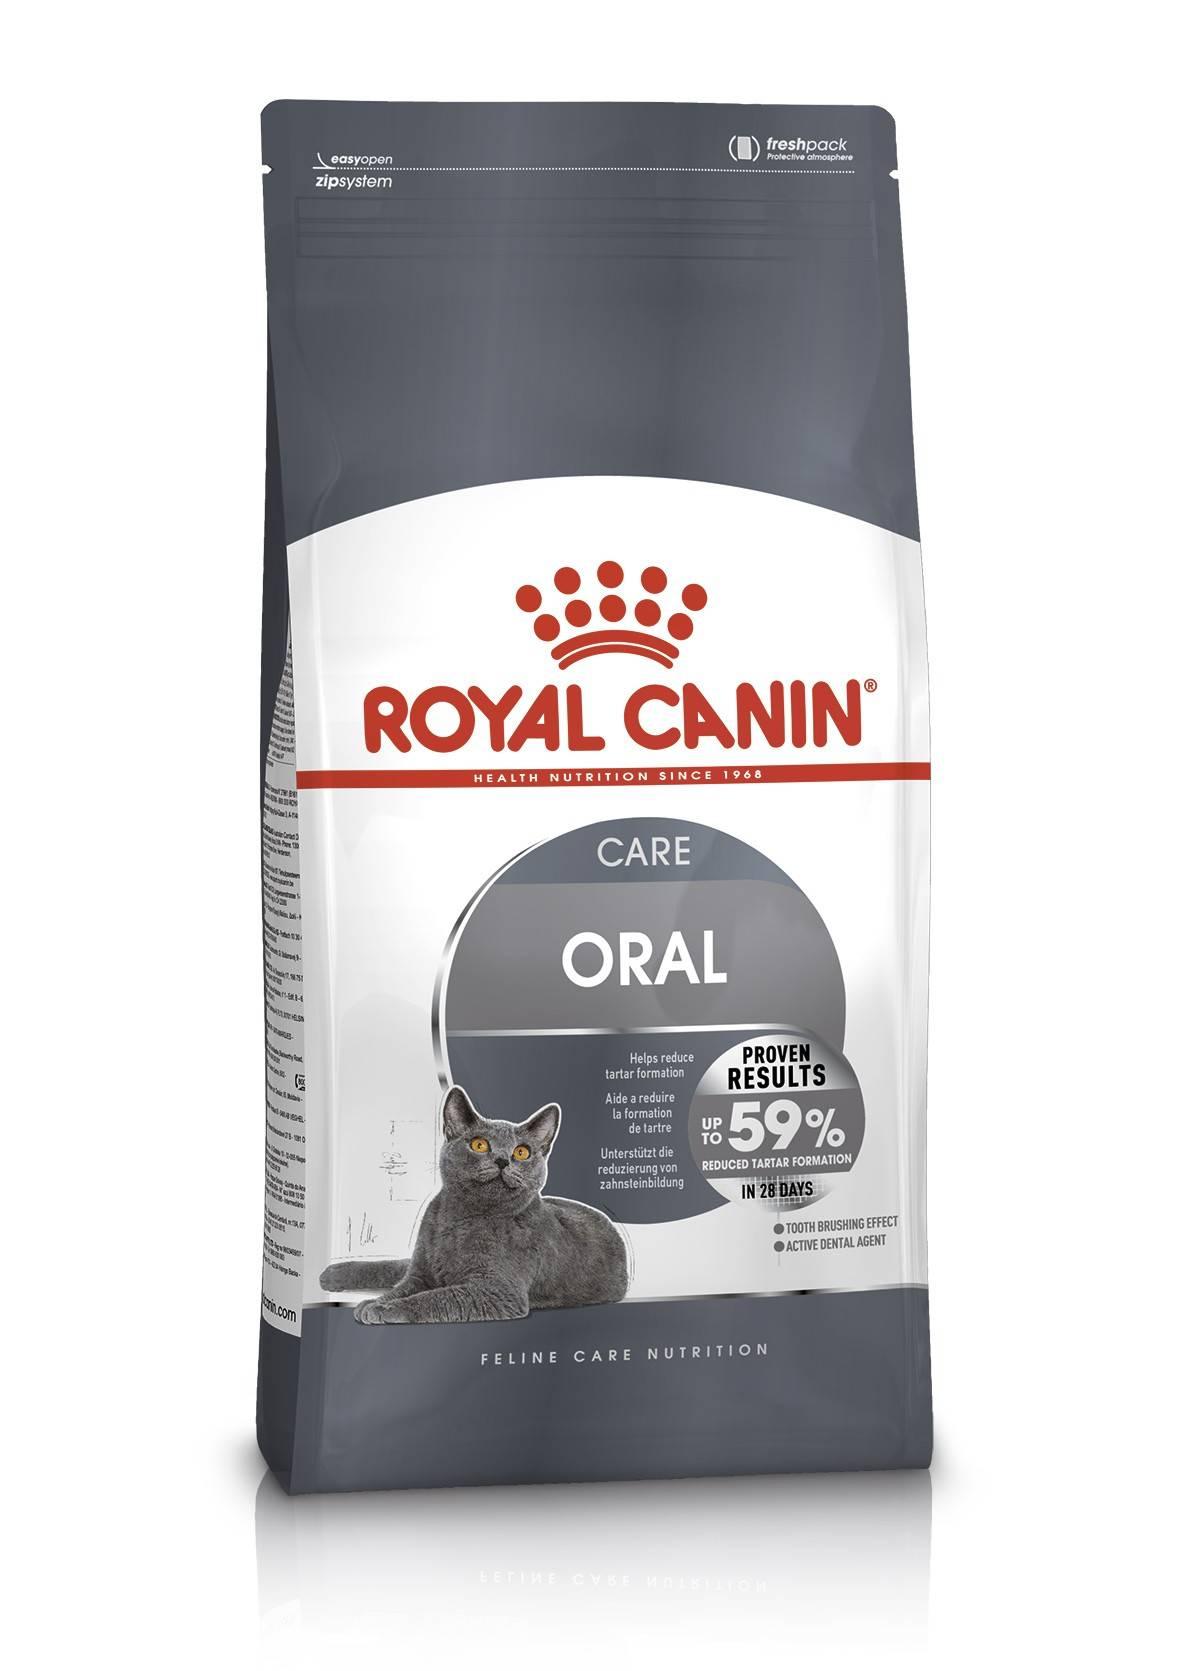 ROYAL CANIN ORAL CARE – сухий корм для дорослих котів для догляду за ротовою порожниною